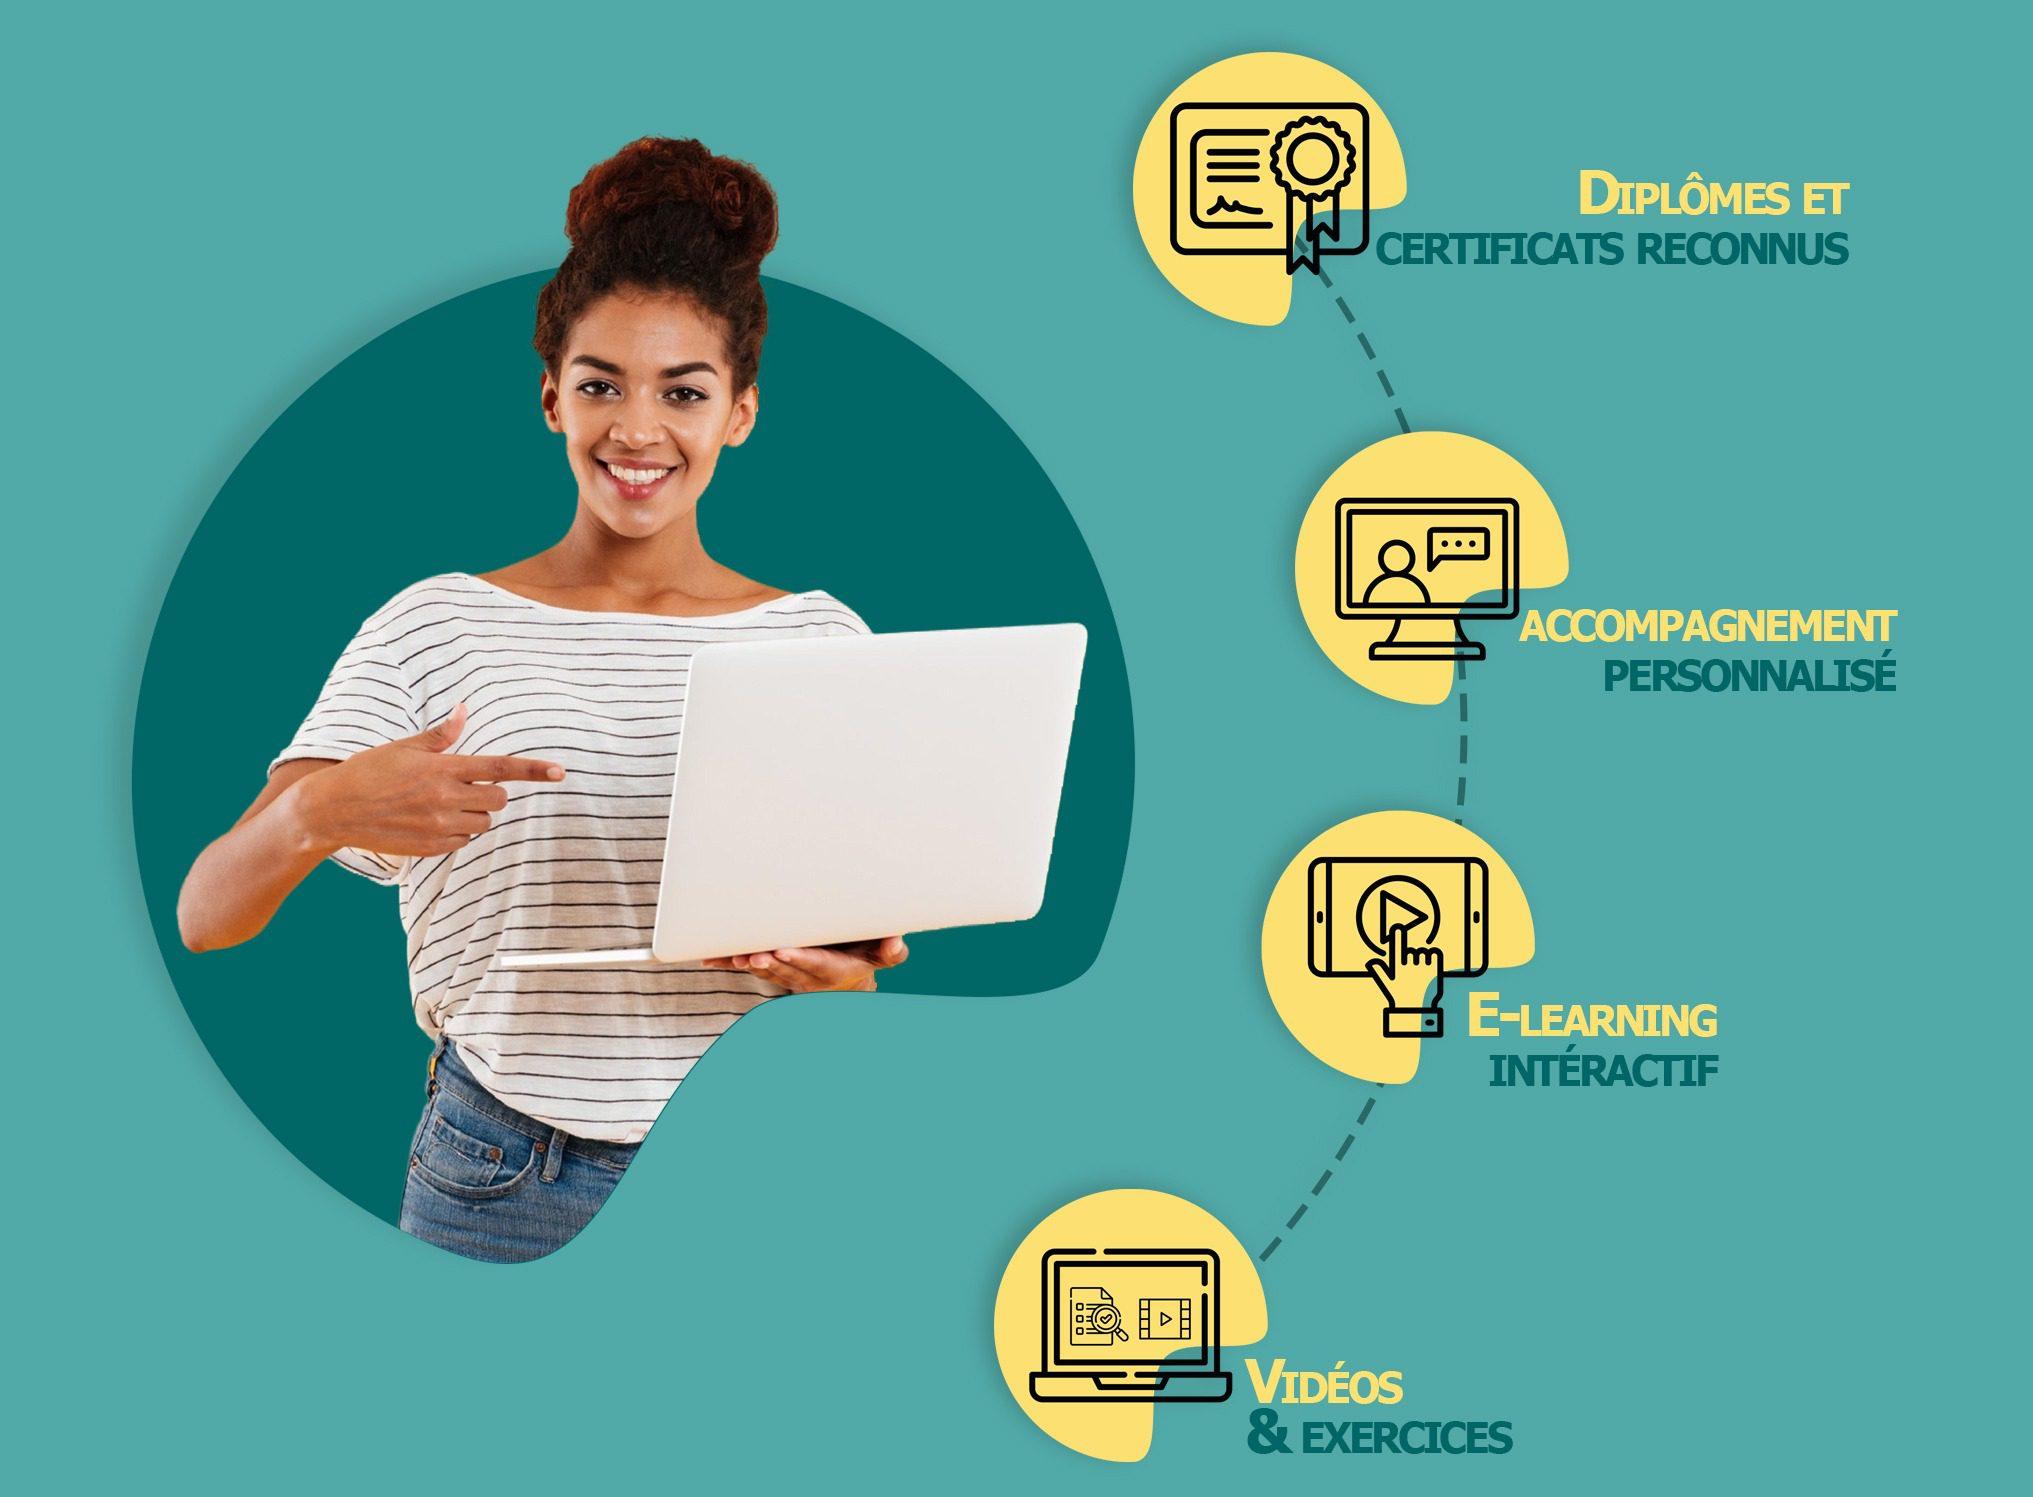 Diplômes et certificats reconnus, accompagnement personnalisé, E-learning intéractif, Vidéos & exercices